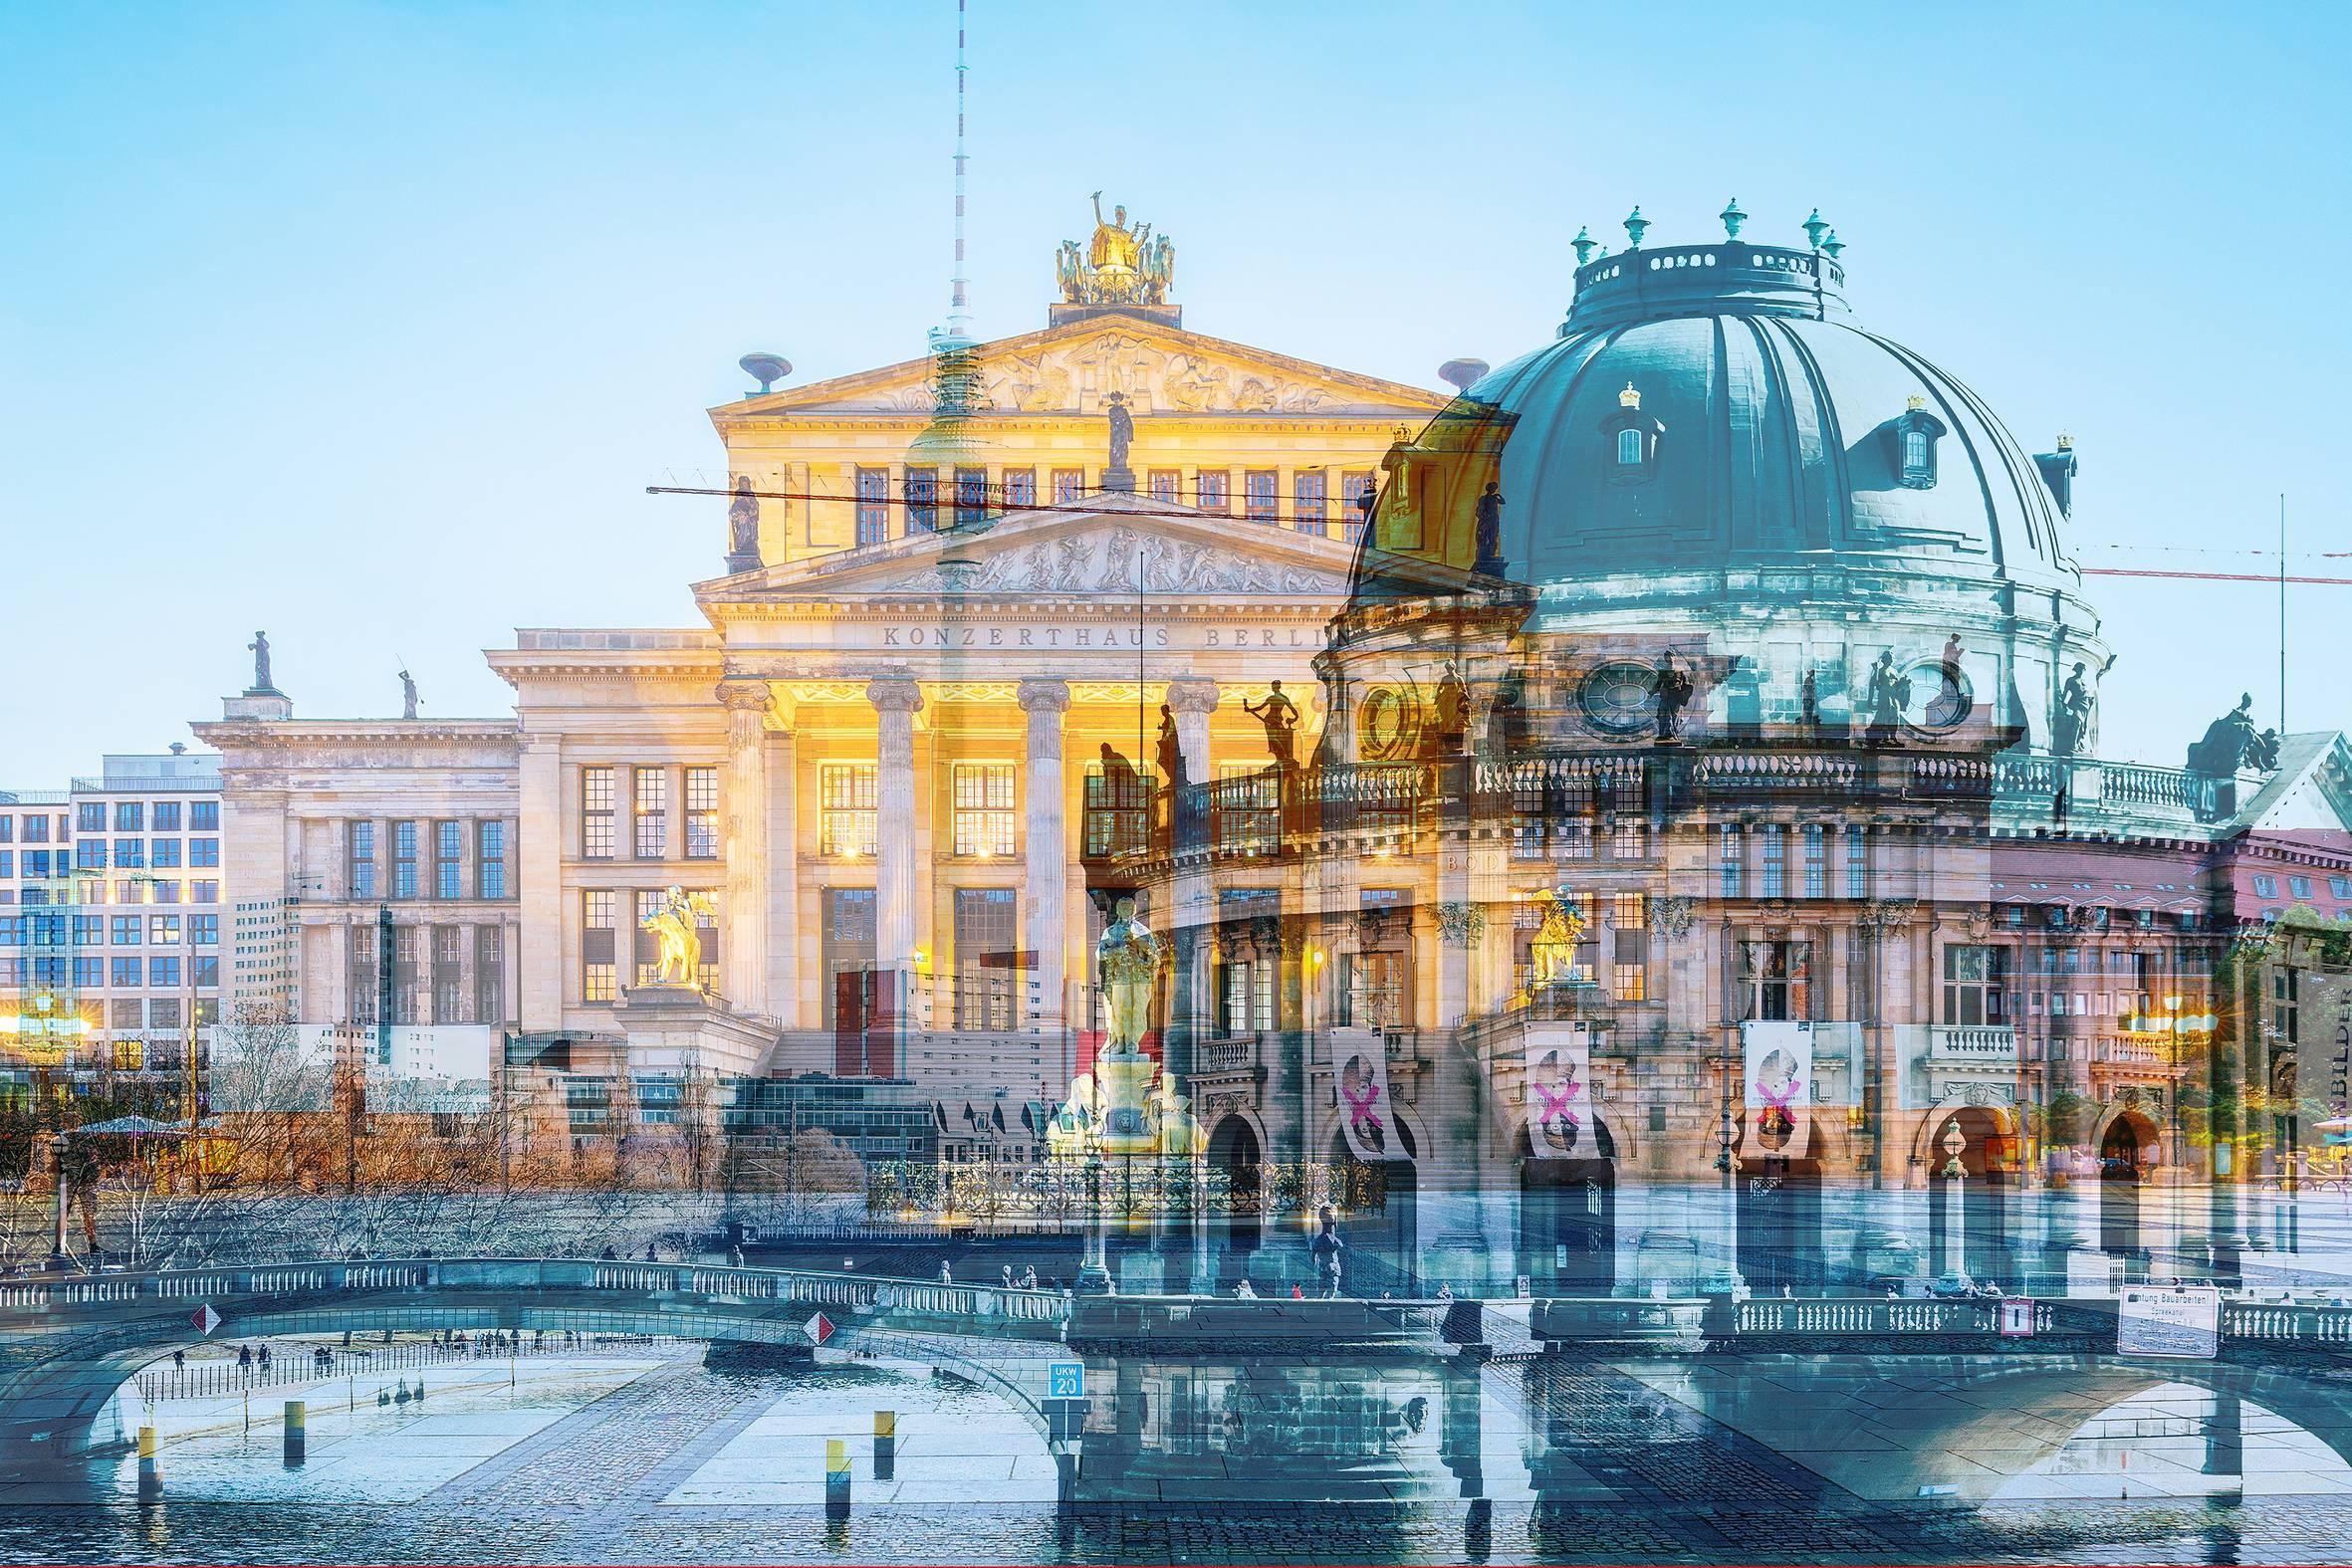 Bodemuseum/ Gendarmenmarkt - Andrea von Melms